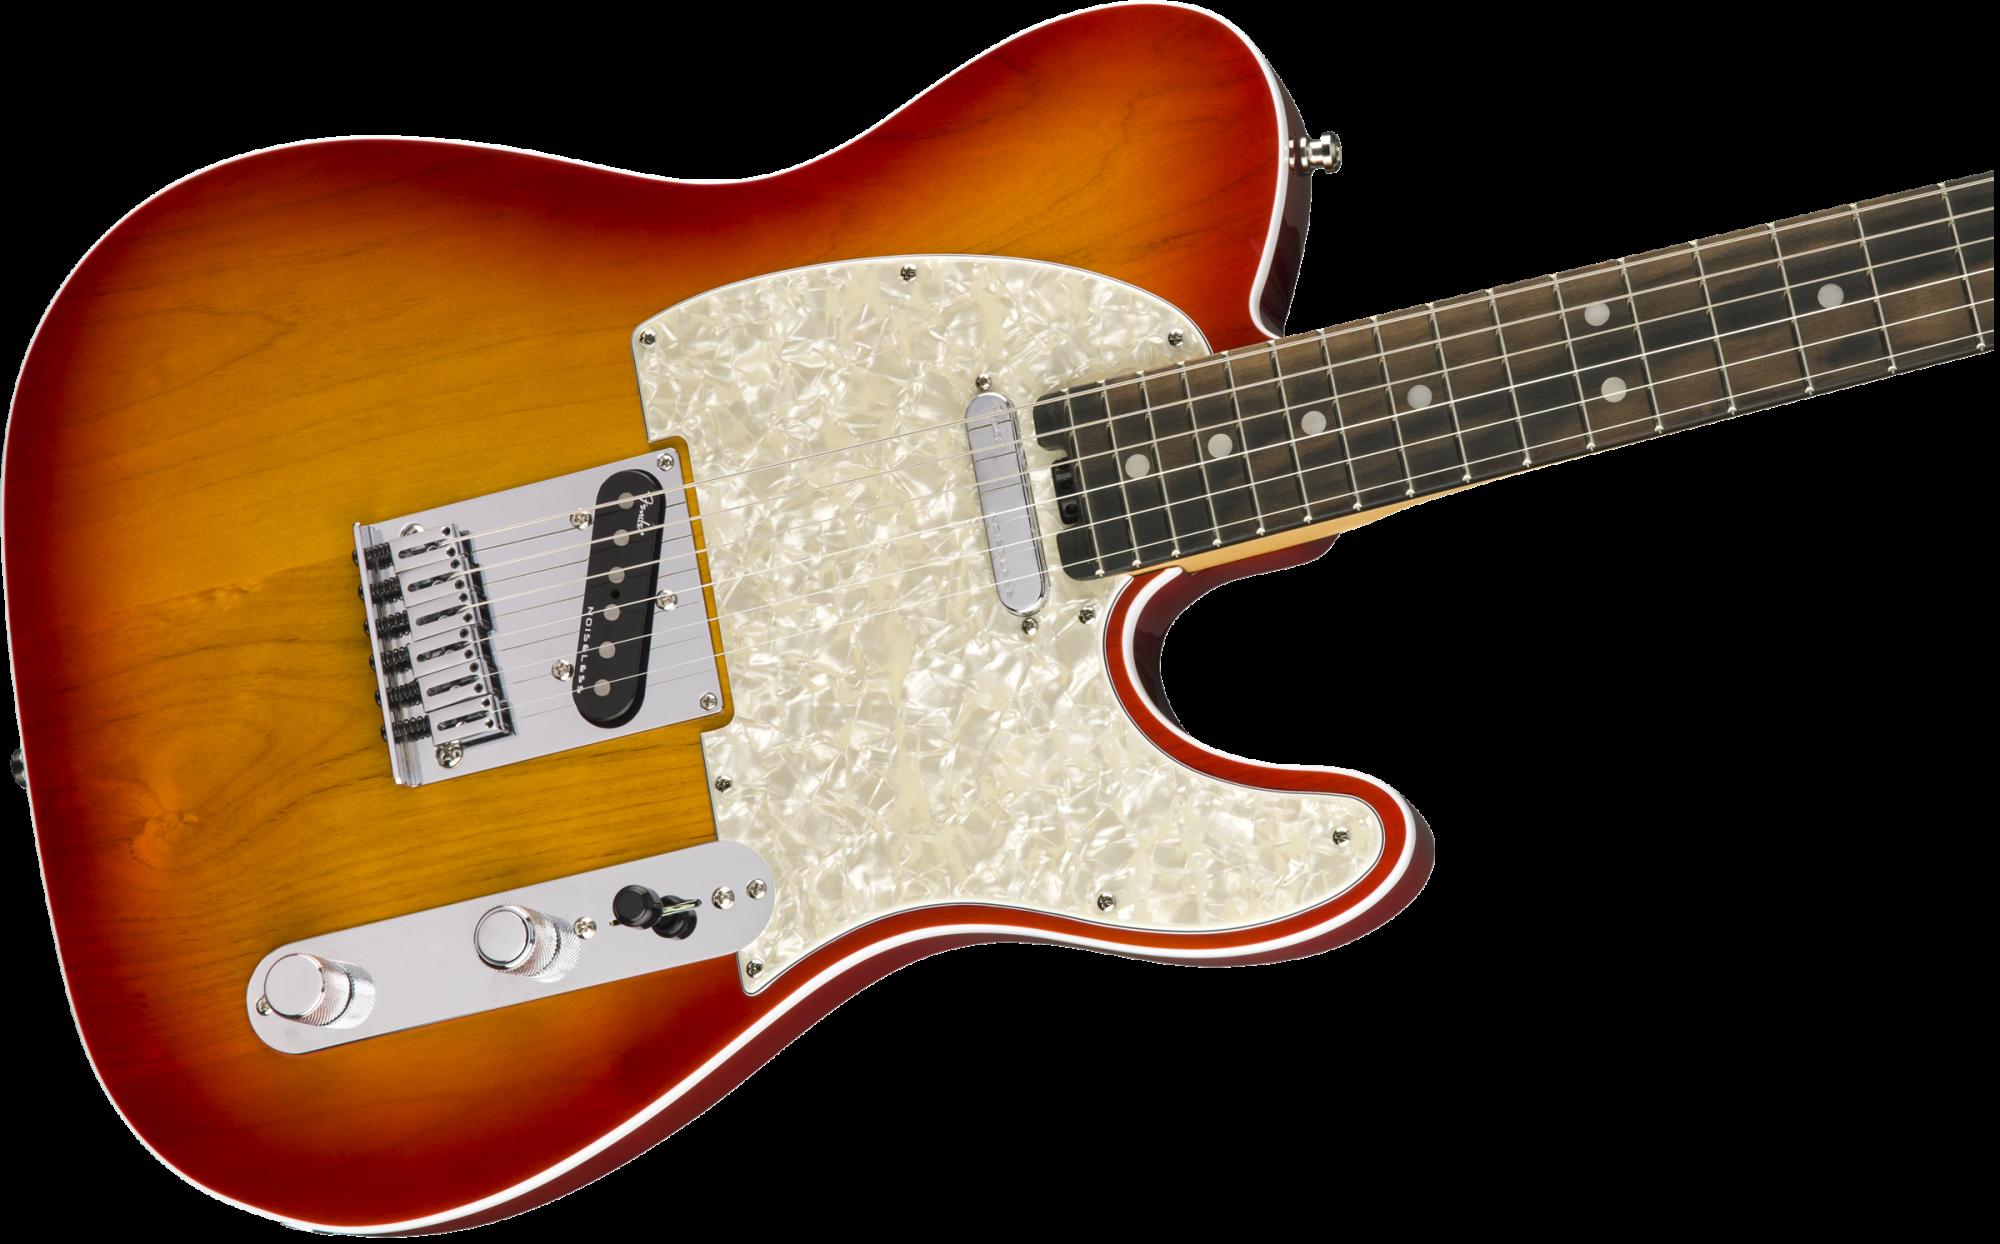 Fender American Elite Telecaster-Aged Cherry Burst